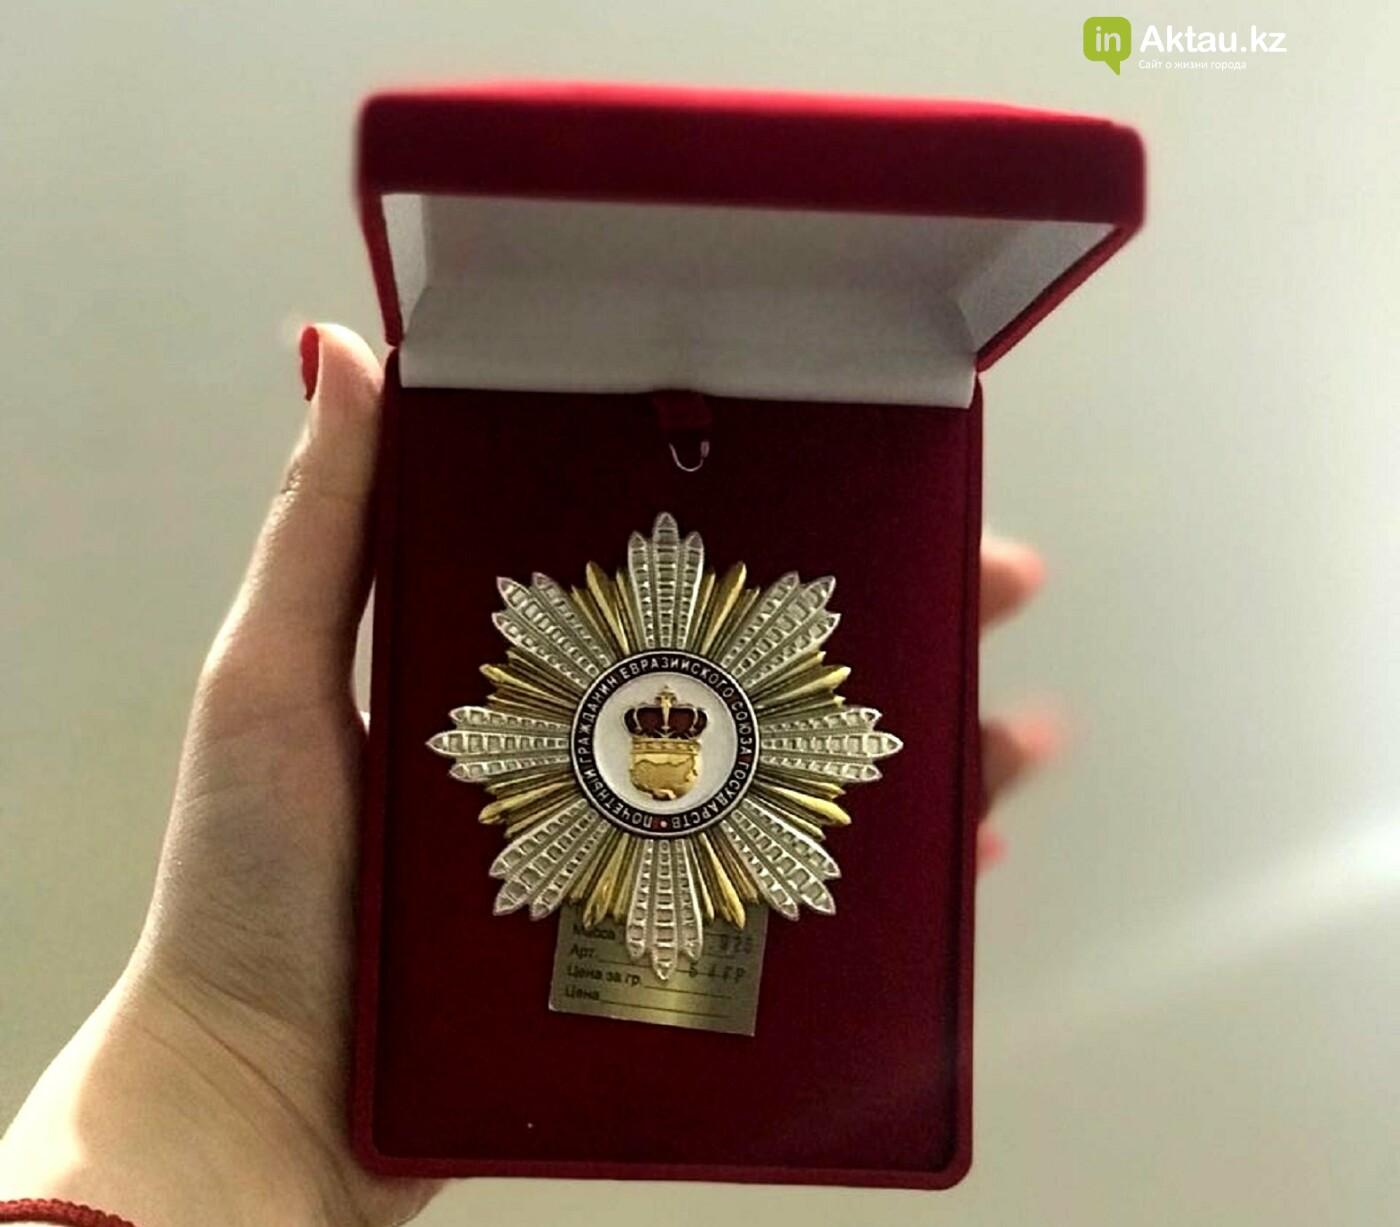 Детский хирург из Актау Зураб Цхадая получил награды в Москве, фото-1